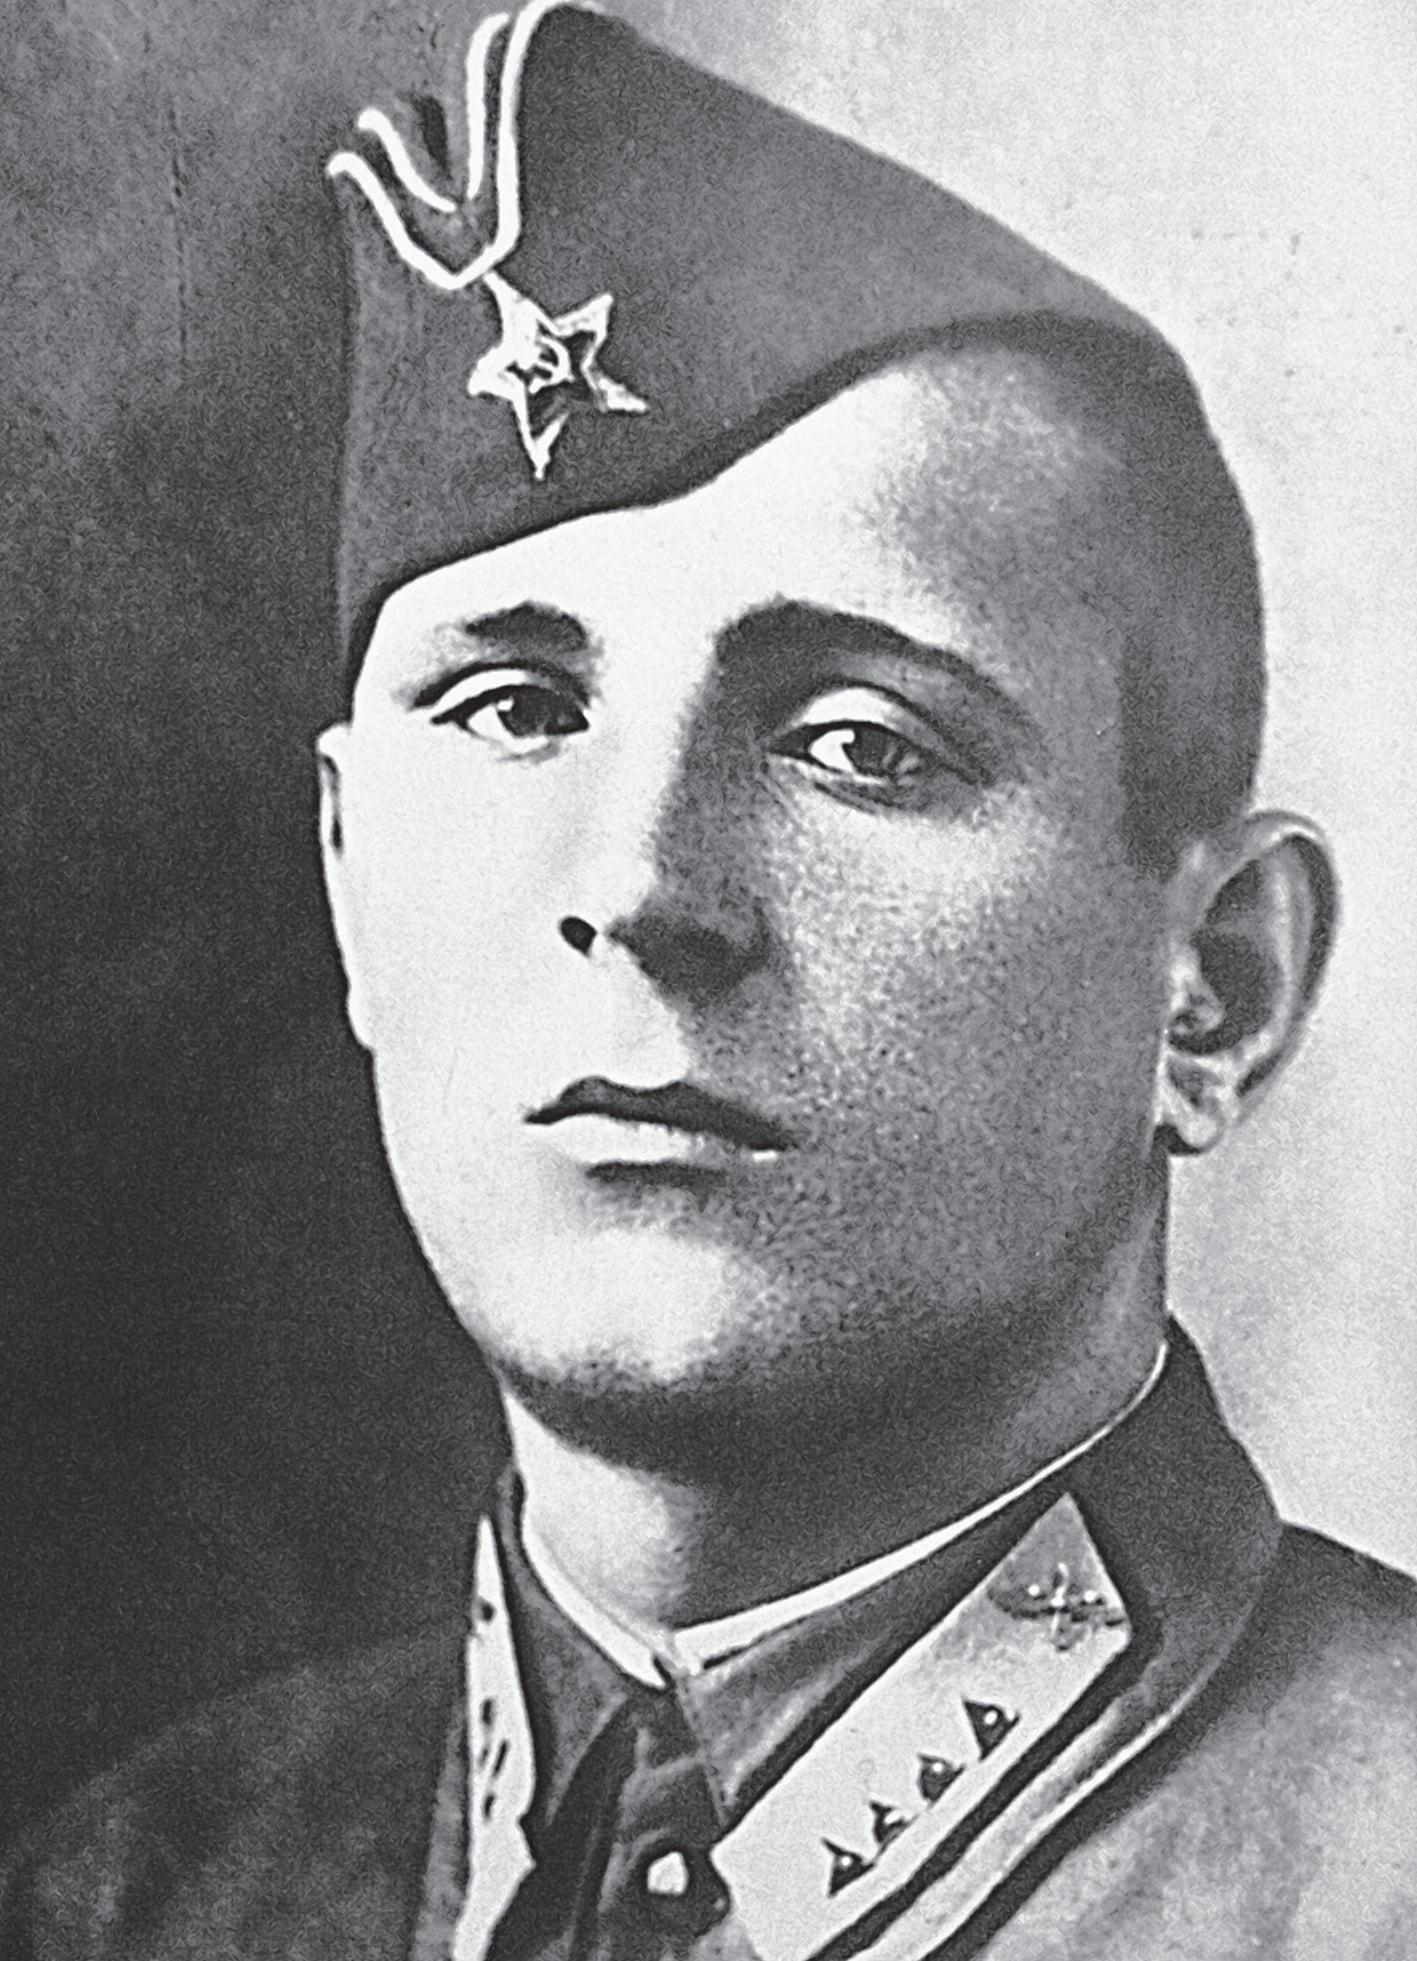 Старшина Баснев один из руководителей обороны вокзала